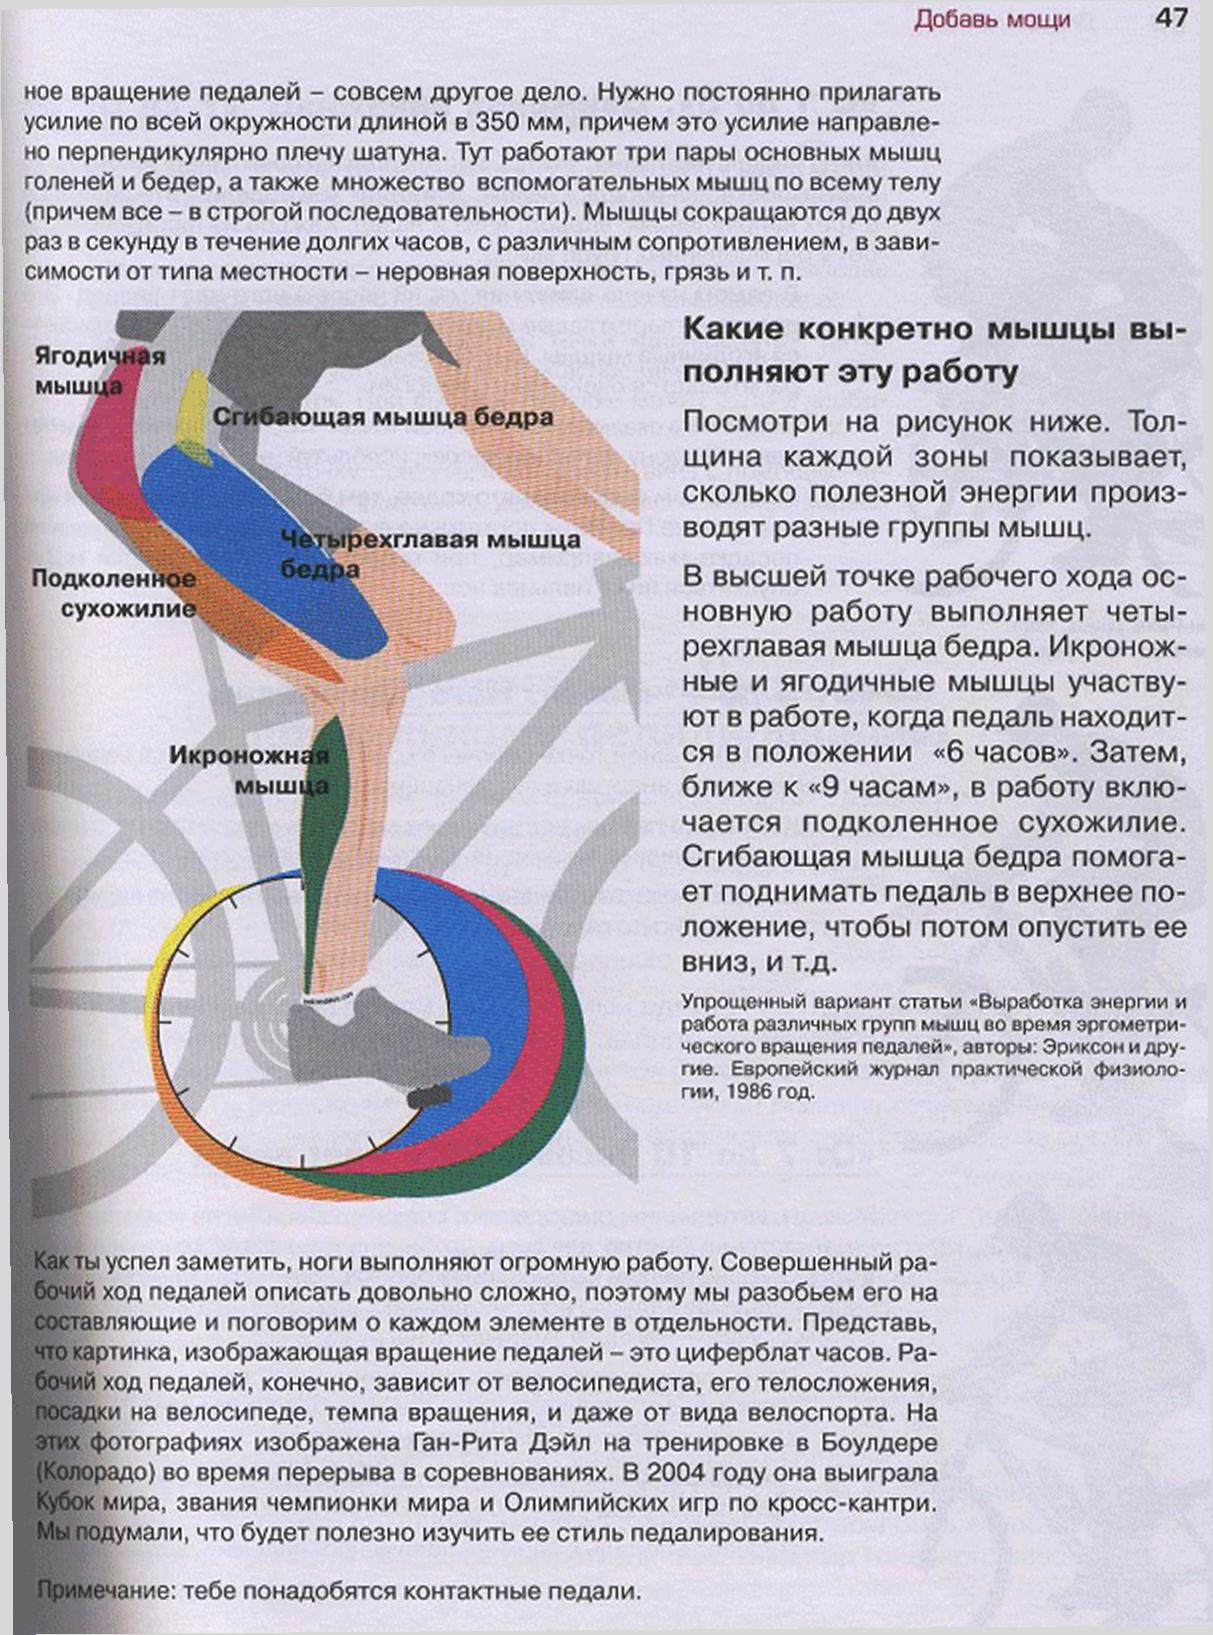 на какие мышцы влияет велотренажер картинки начинающие